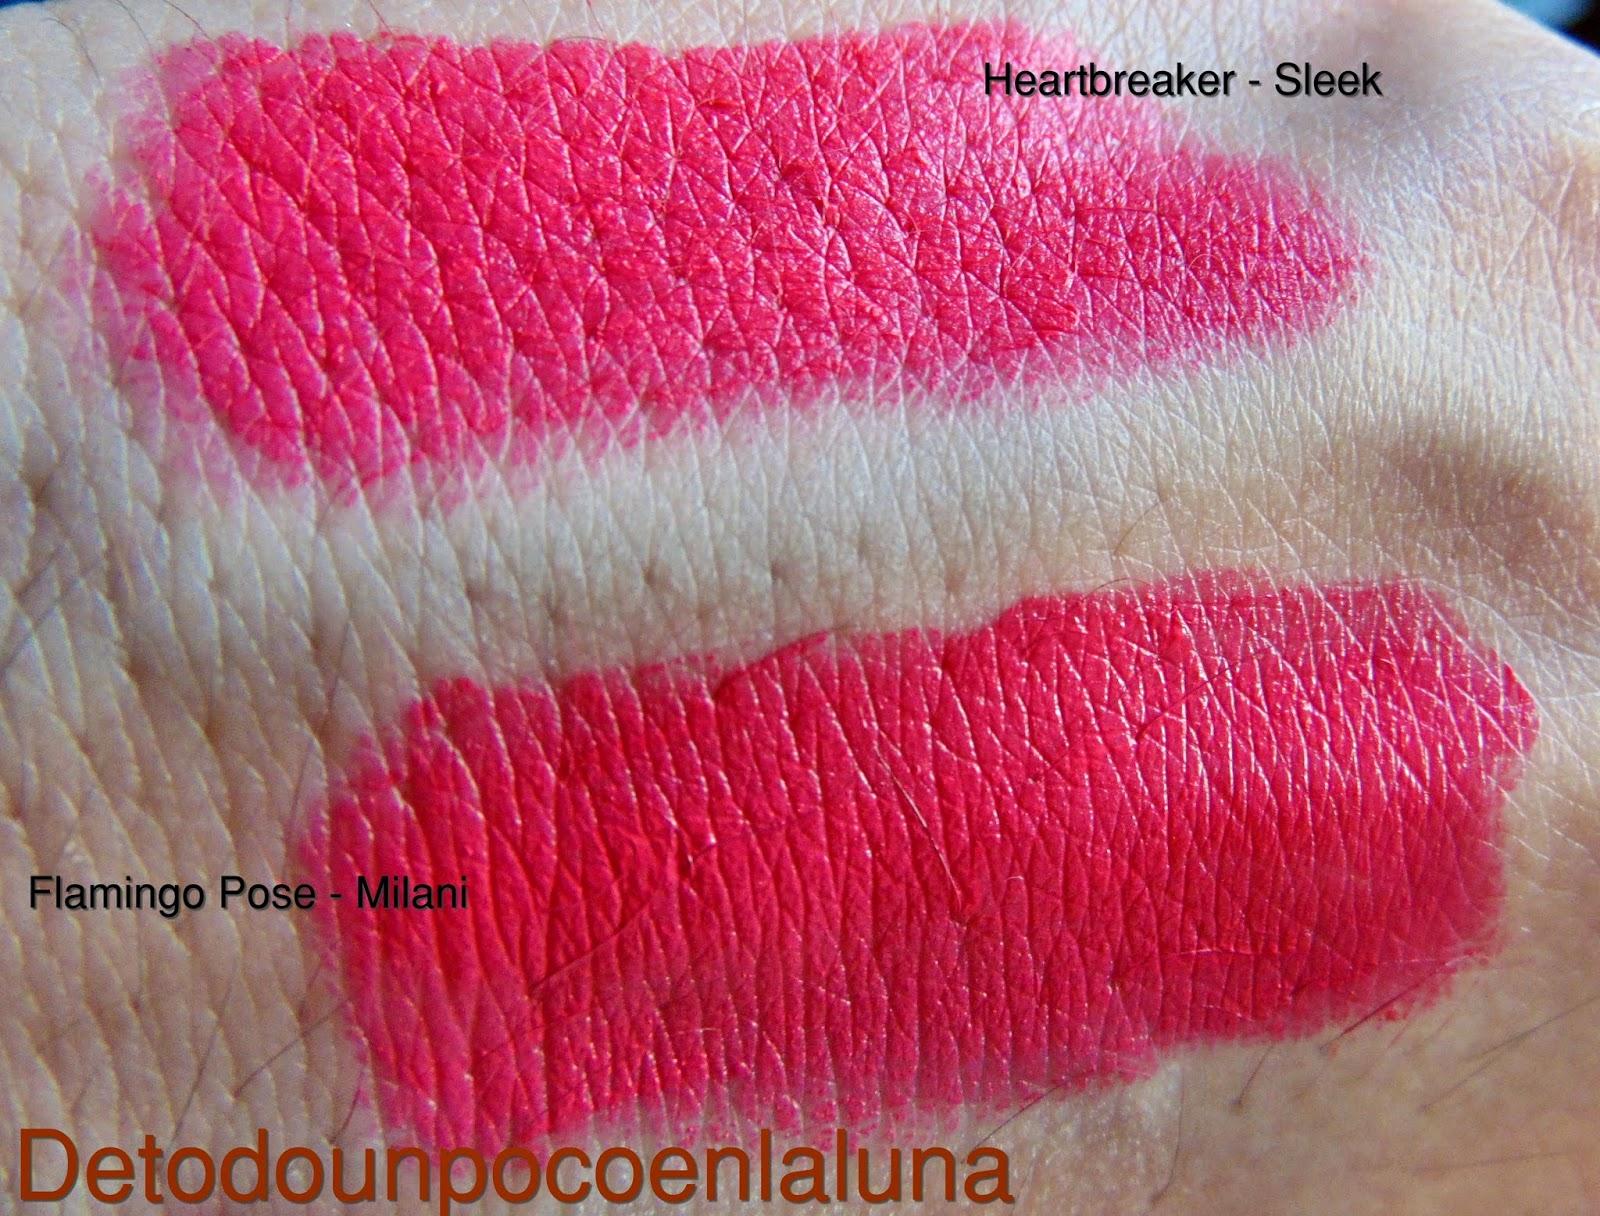 comparación heartbreaker sleek y flamingo pose milani